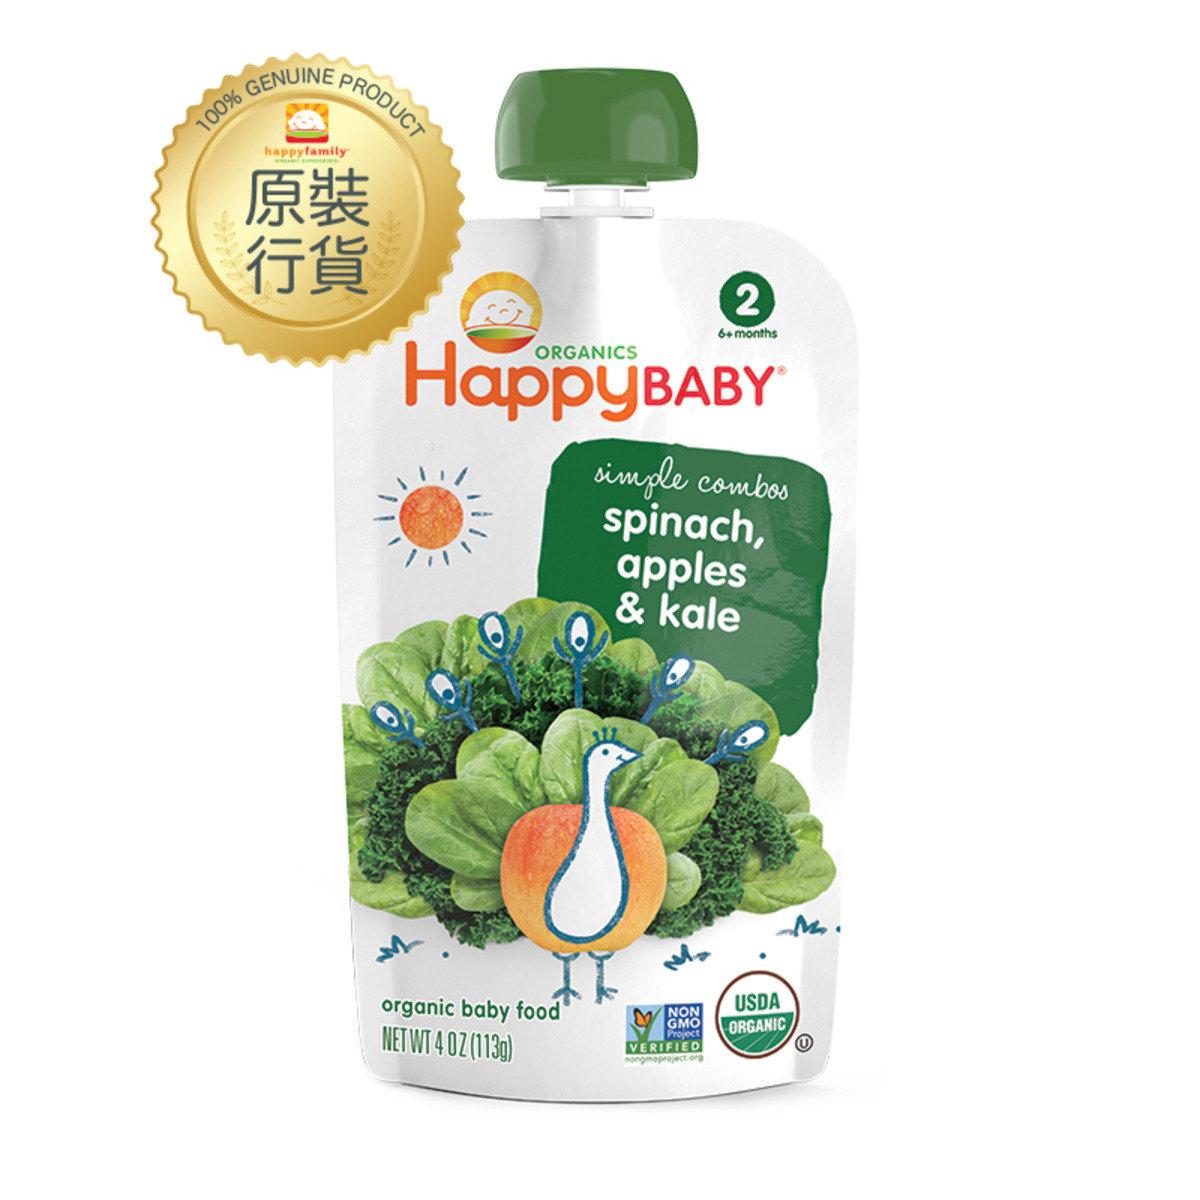 有機菠菜,蘋果&羽衣甘藍嬰兒食品 113g (第二階段)